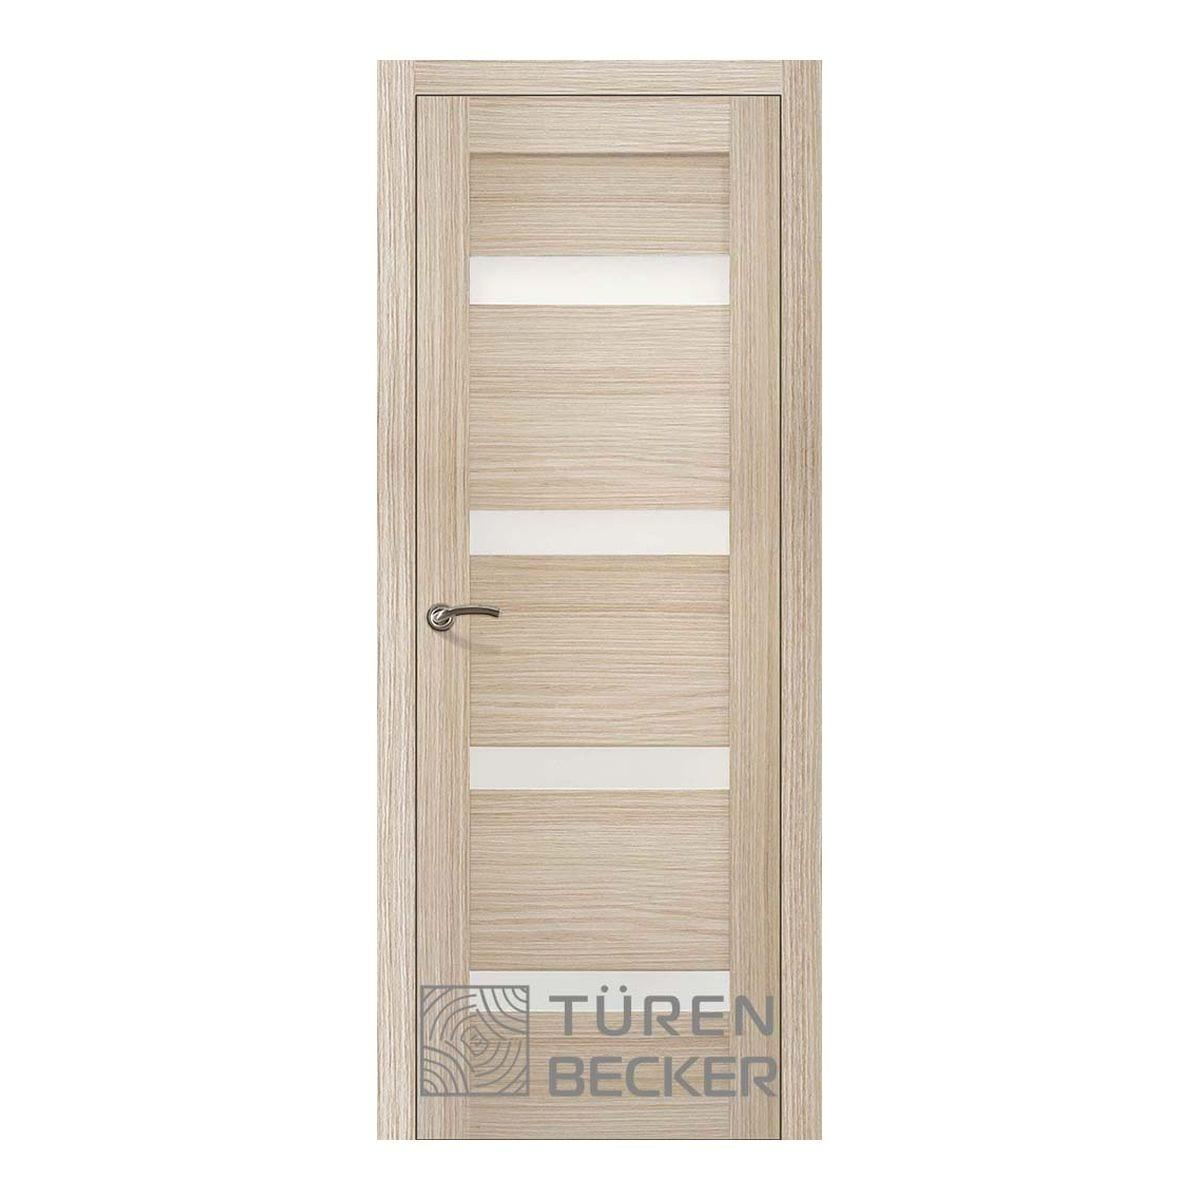 Дверное полотно Turen Becker Тора 700*2000мм ПО Life (4 стекла), 13.0.11, цвет Капучино